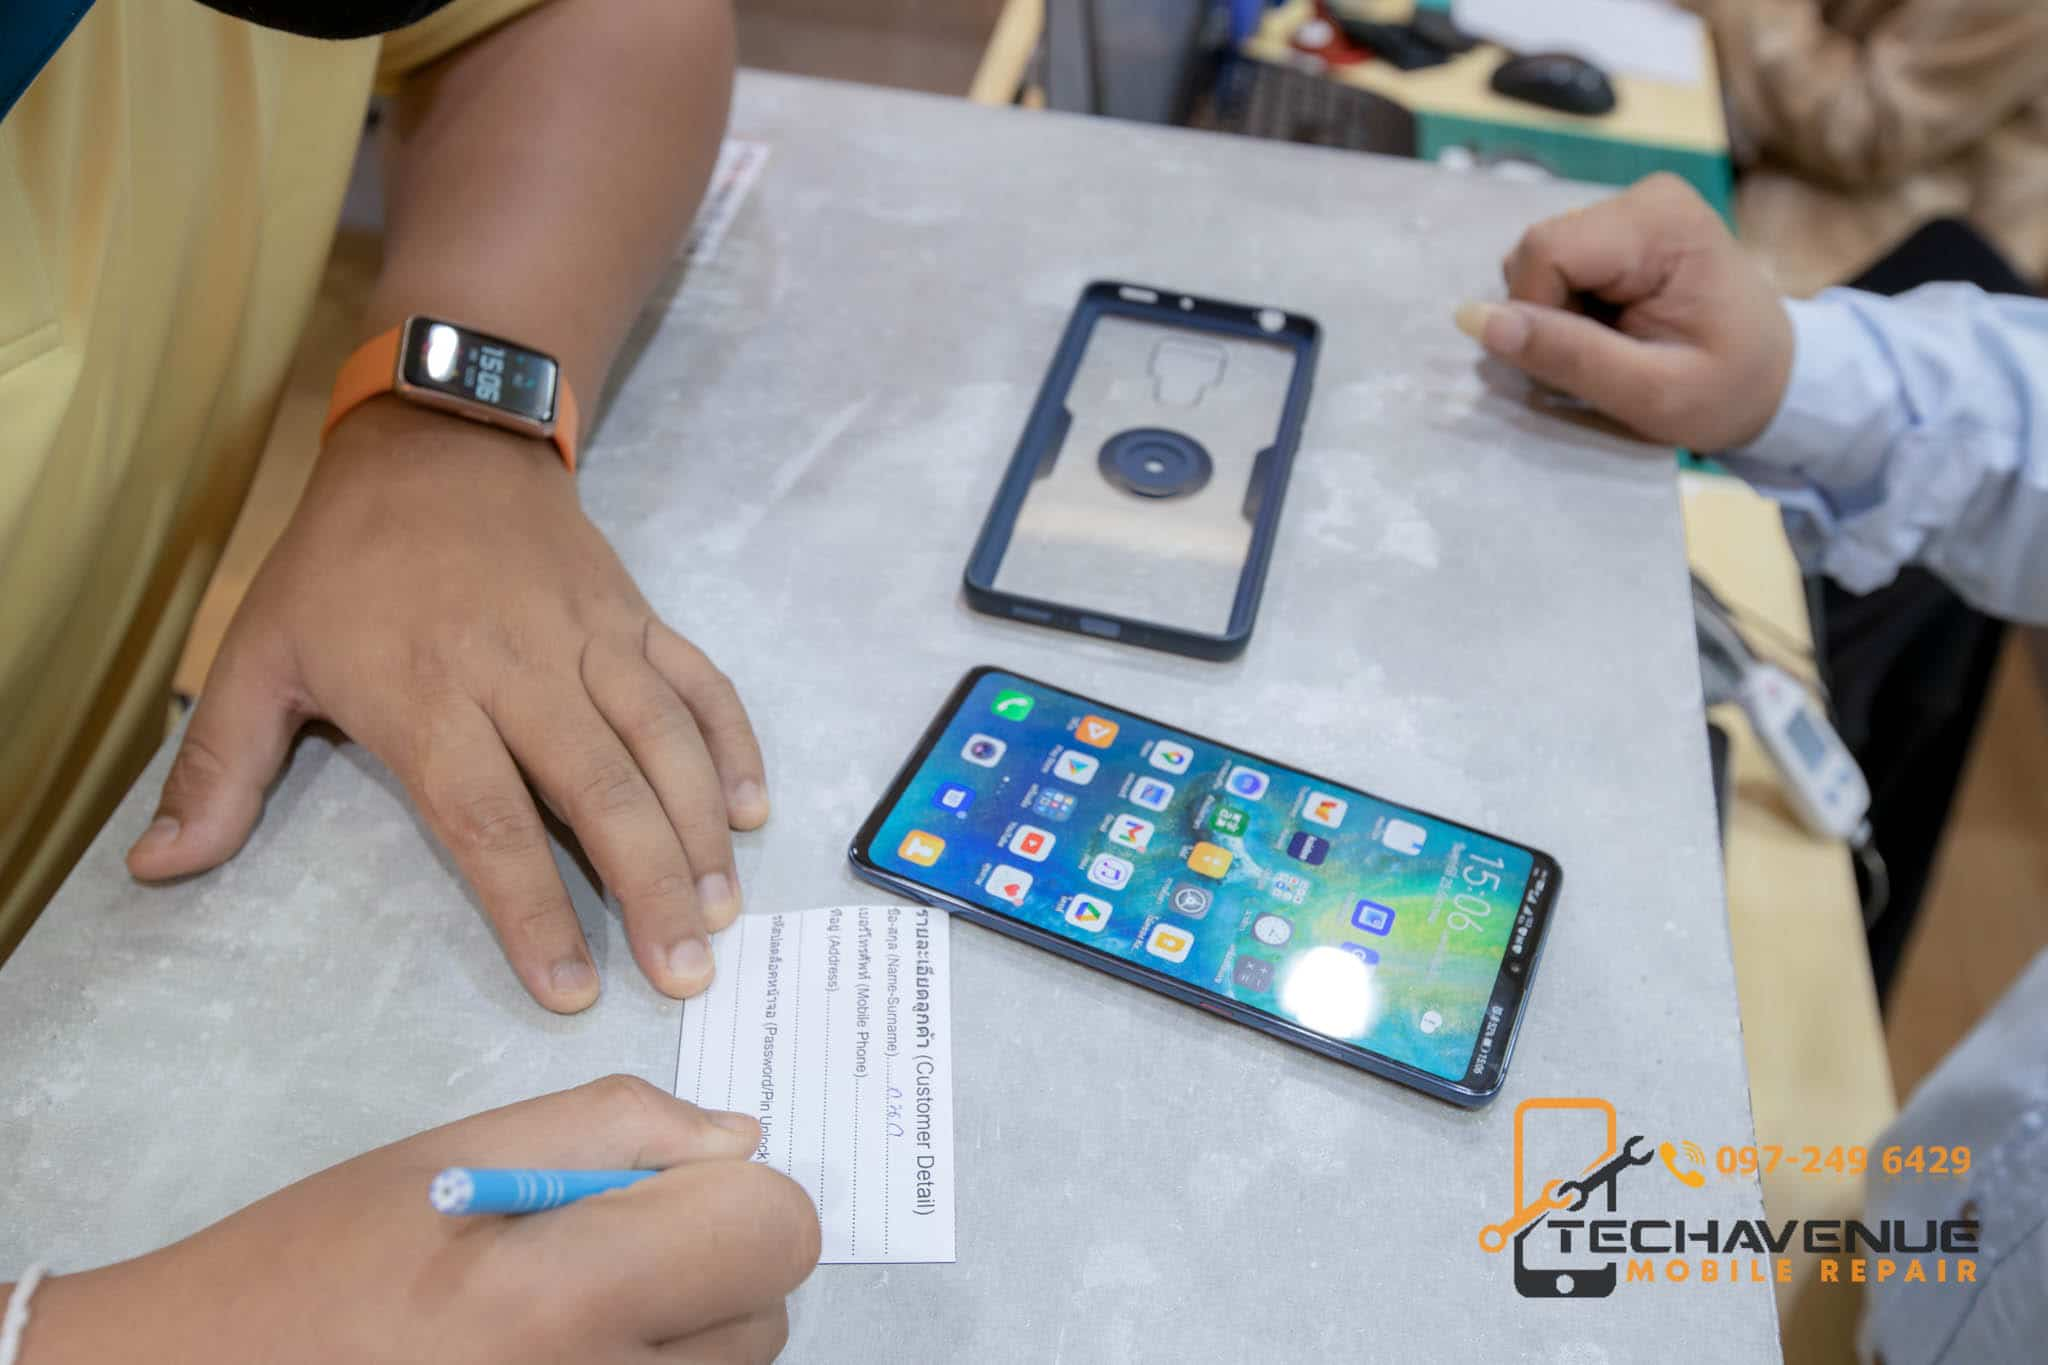 มือถือ Huawei หัวเว่ย nova 6 แบตบวม ซ่อมร้านไหนดี รับได้เลย 🥇 ศูนย์ซ่อม โทรศัพท์มือถือ มือถือทุกรุ่น ทุกยี่ห้อ iPhone | Apple | Samsung | Huawei